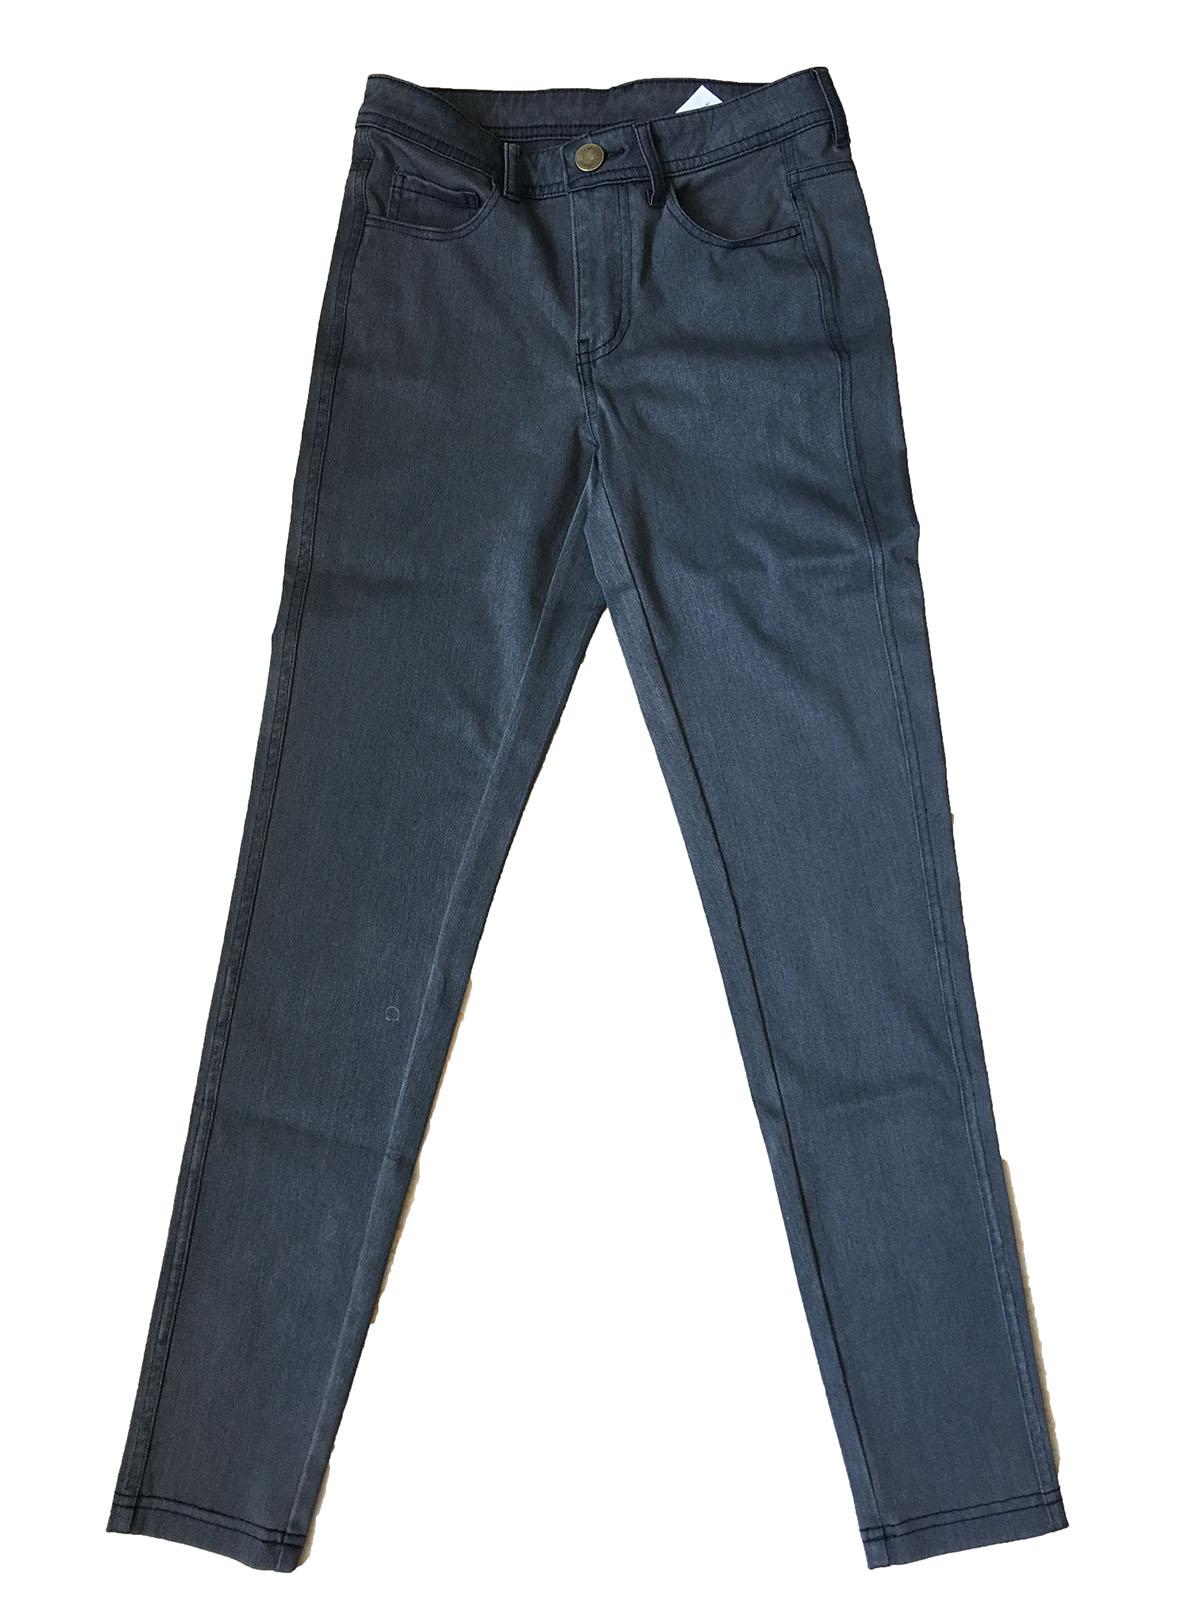 亚麻弹力棉2020春夏薄款显瘦高腰小脚九分打底铅笔长裤产后